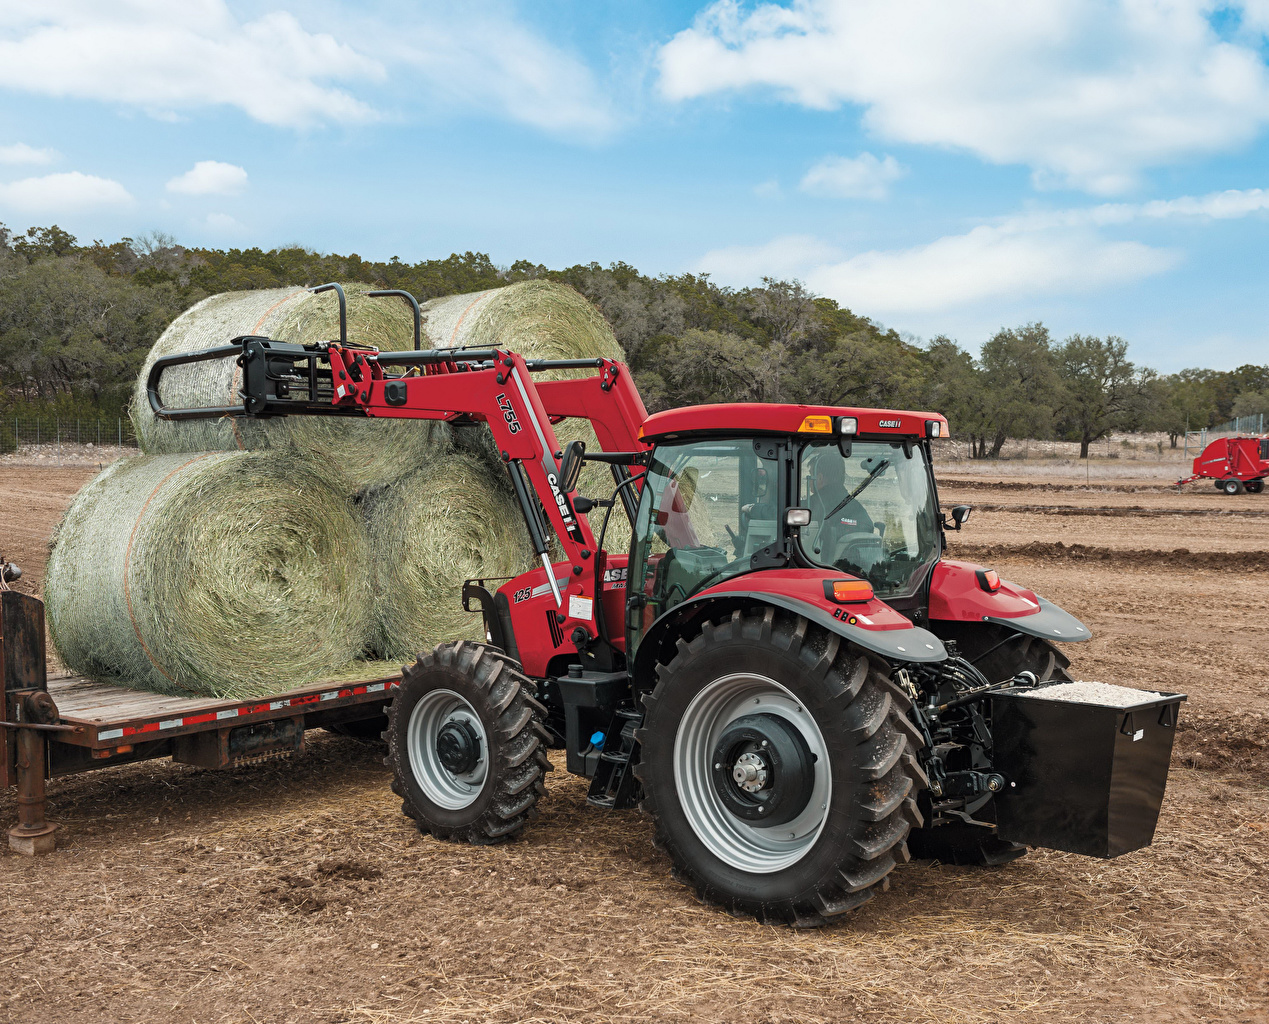 Tapeta na pulpit Maszyna rolnicza traktor 2009-15 Case IH Maxxum 125 Pole rolnictwo Śiano Ciągnik rolniczy pole rolnicze sianie